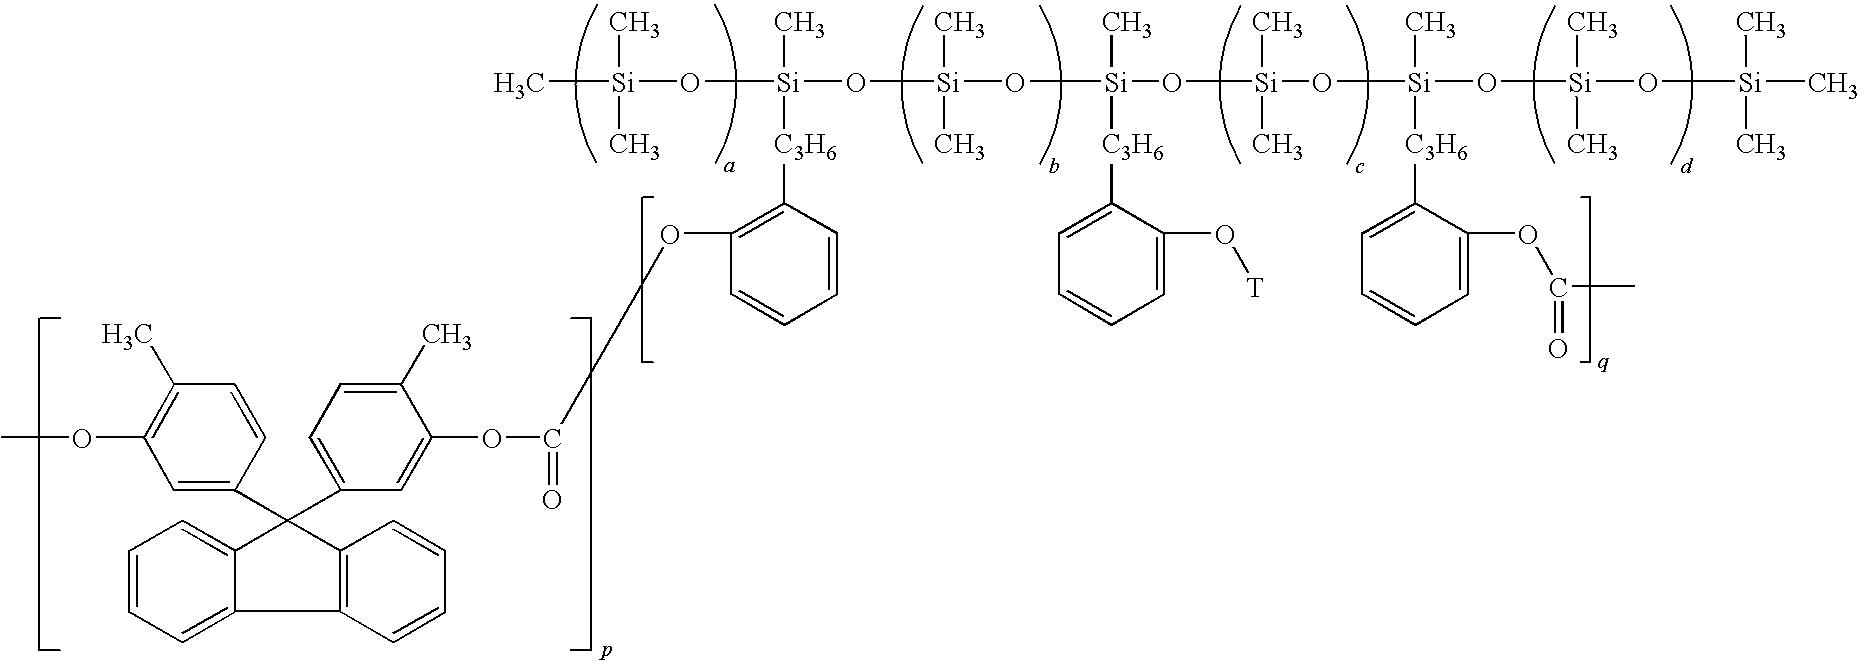 Figure US07943278-20110517-C00017